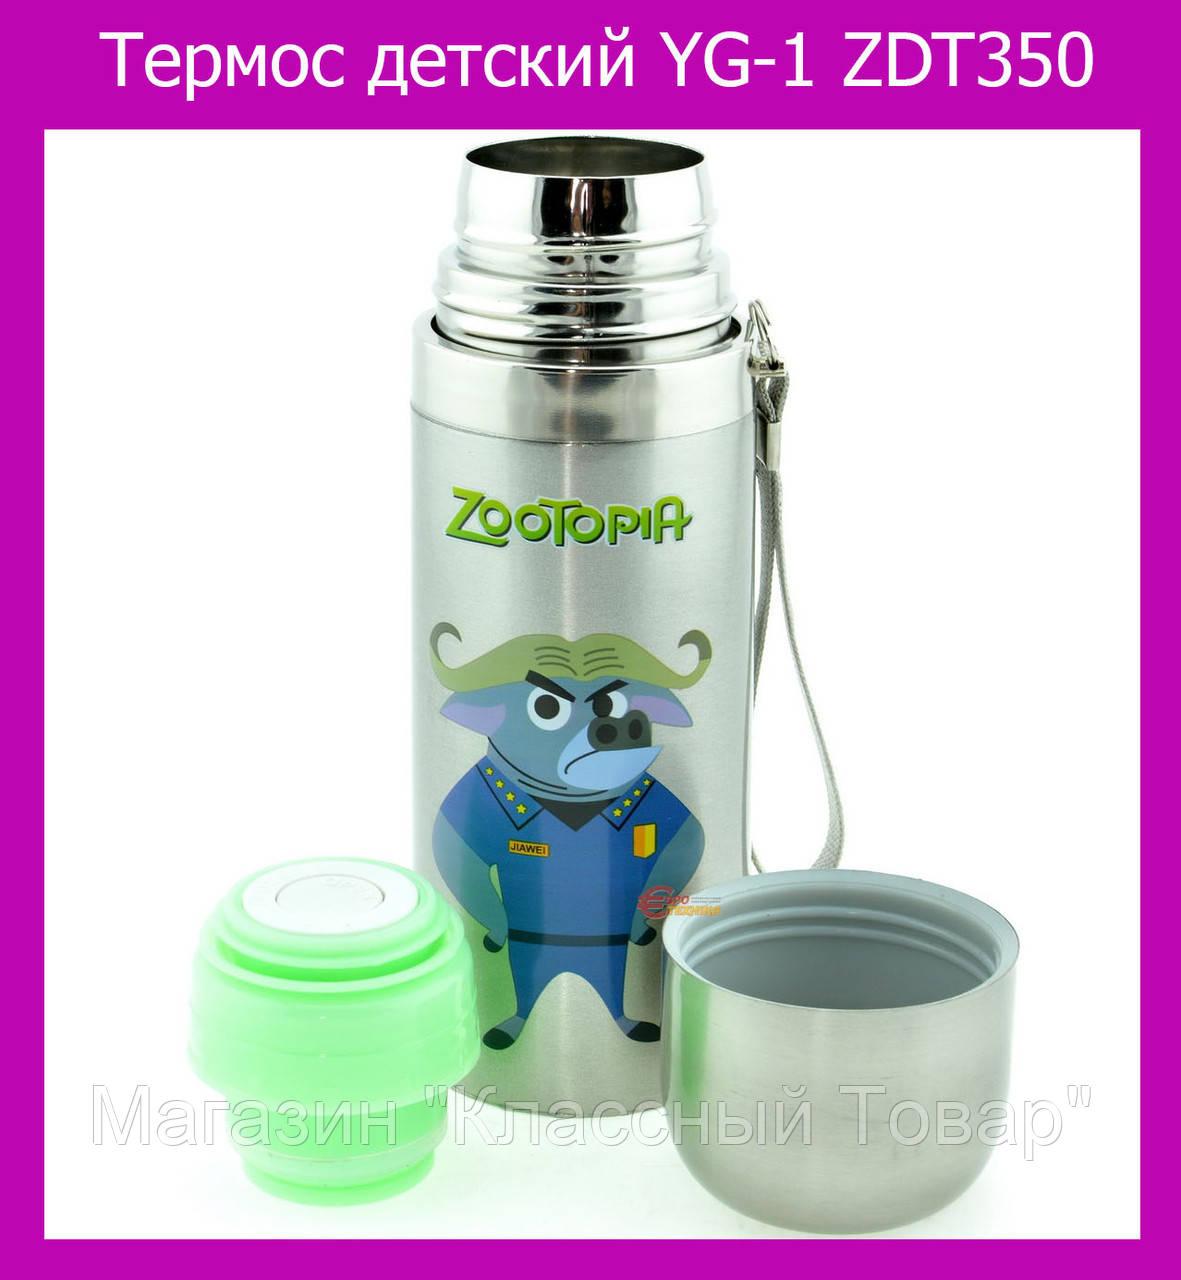 Термос детский YG-1 ZDT350! Лучший подарок